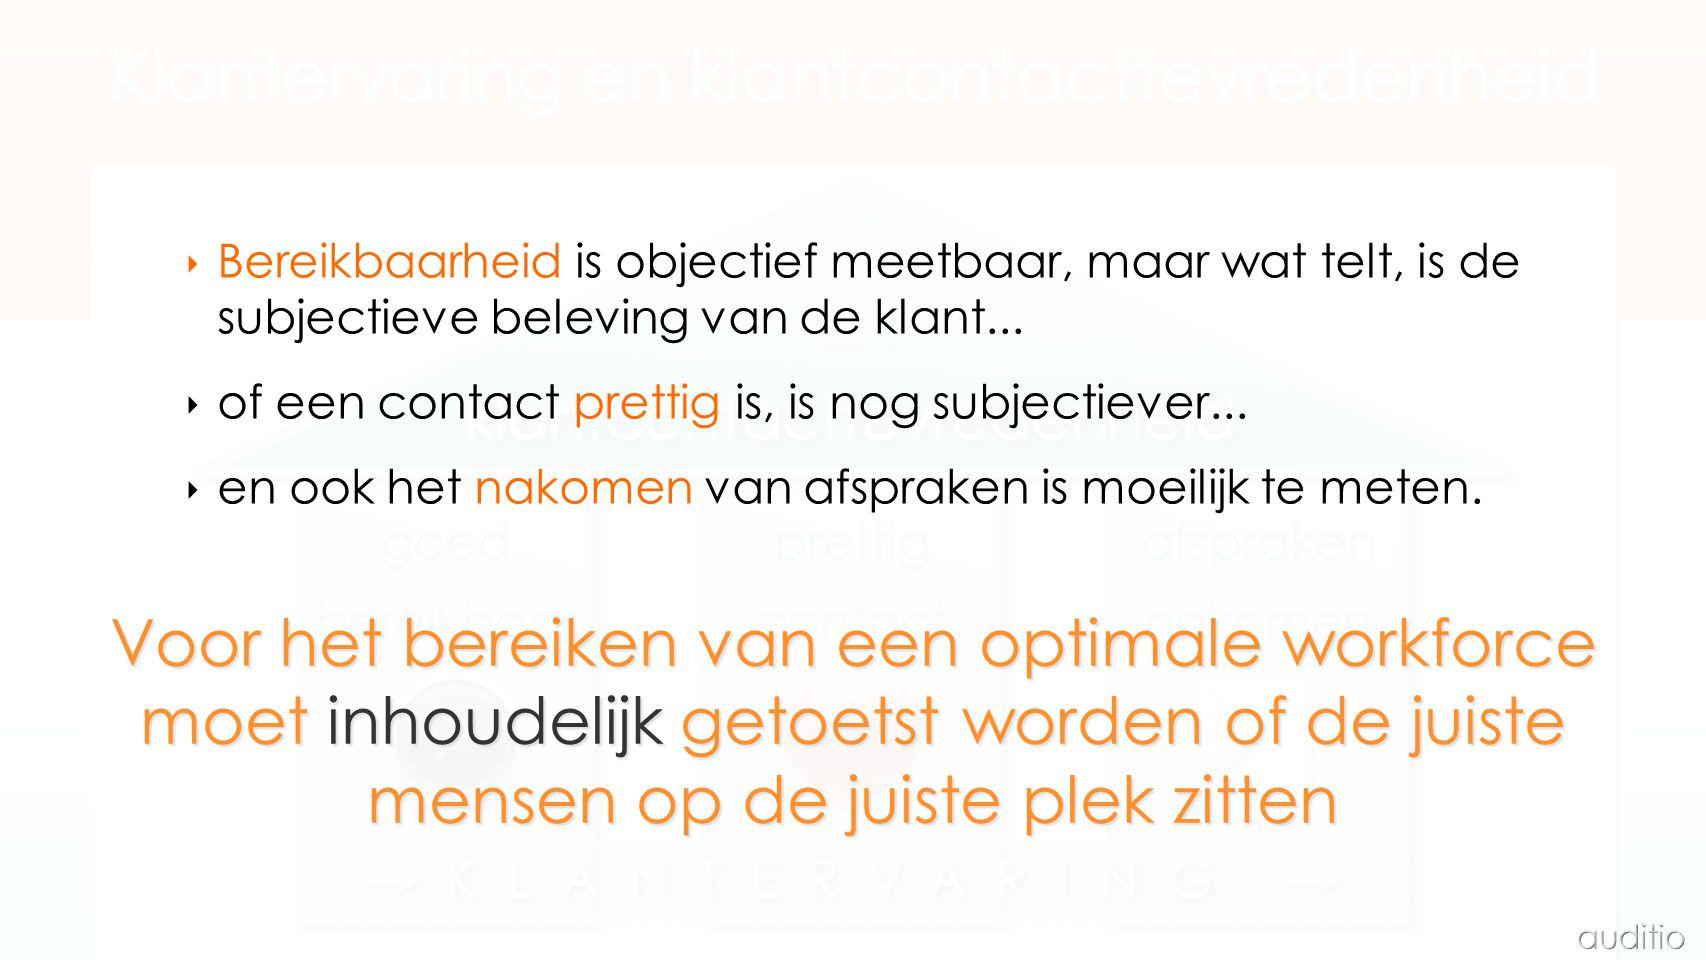 ‣ Bereikbaarheid is objectief meetbaar, maar wat telt, is de subjectieve beleving van de klant...